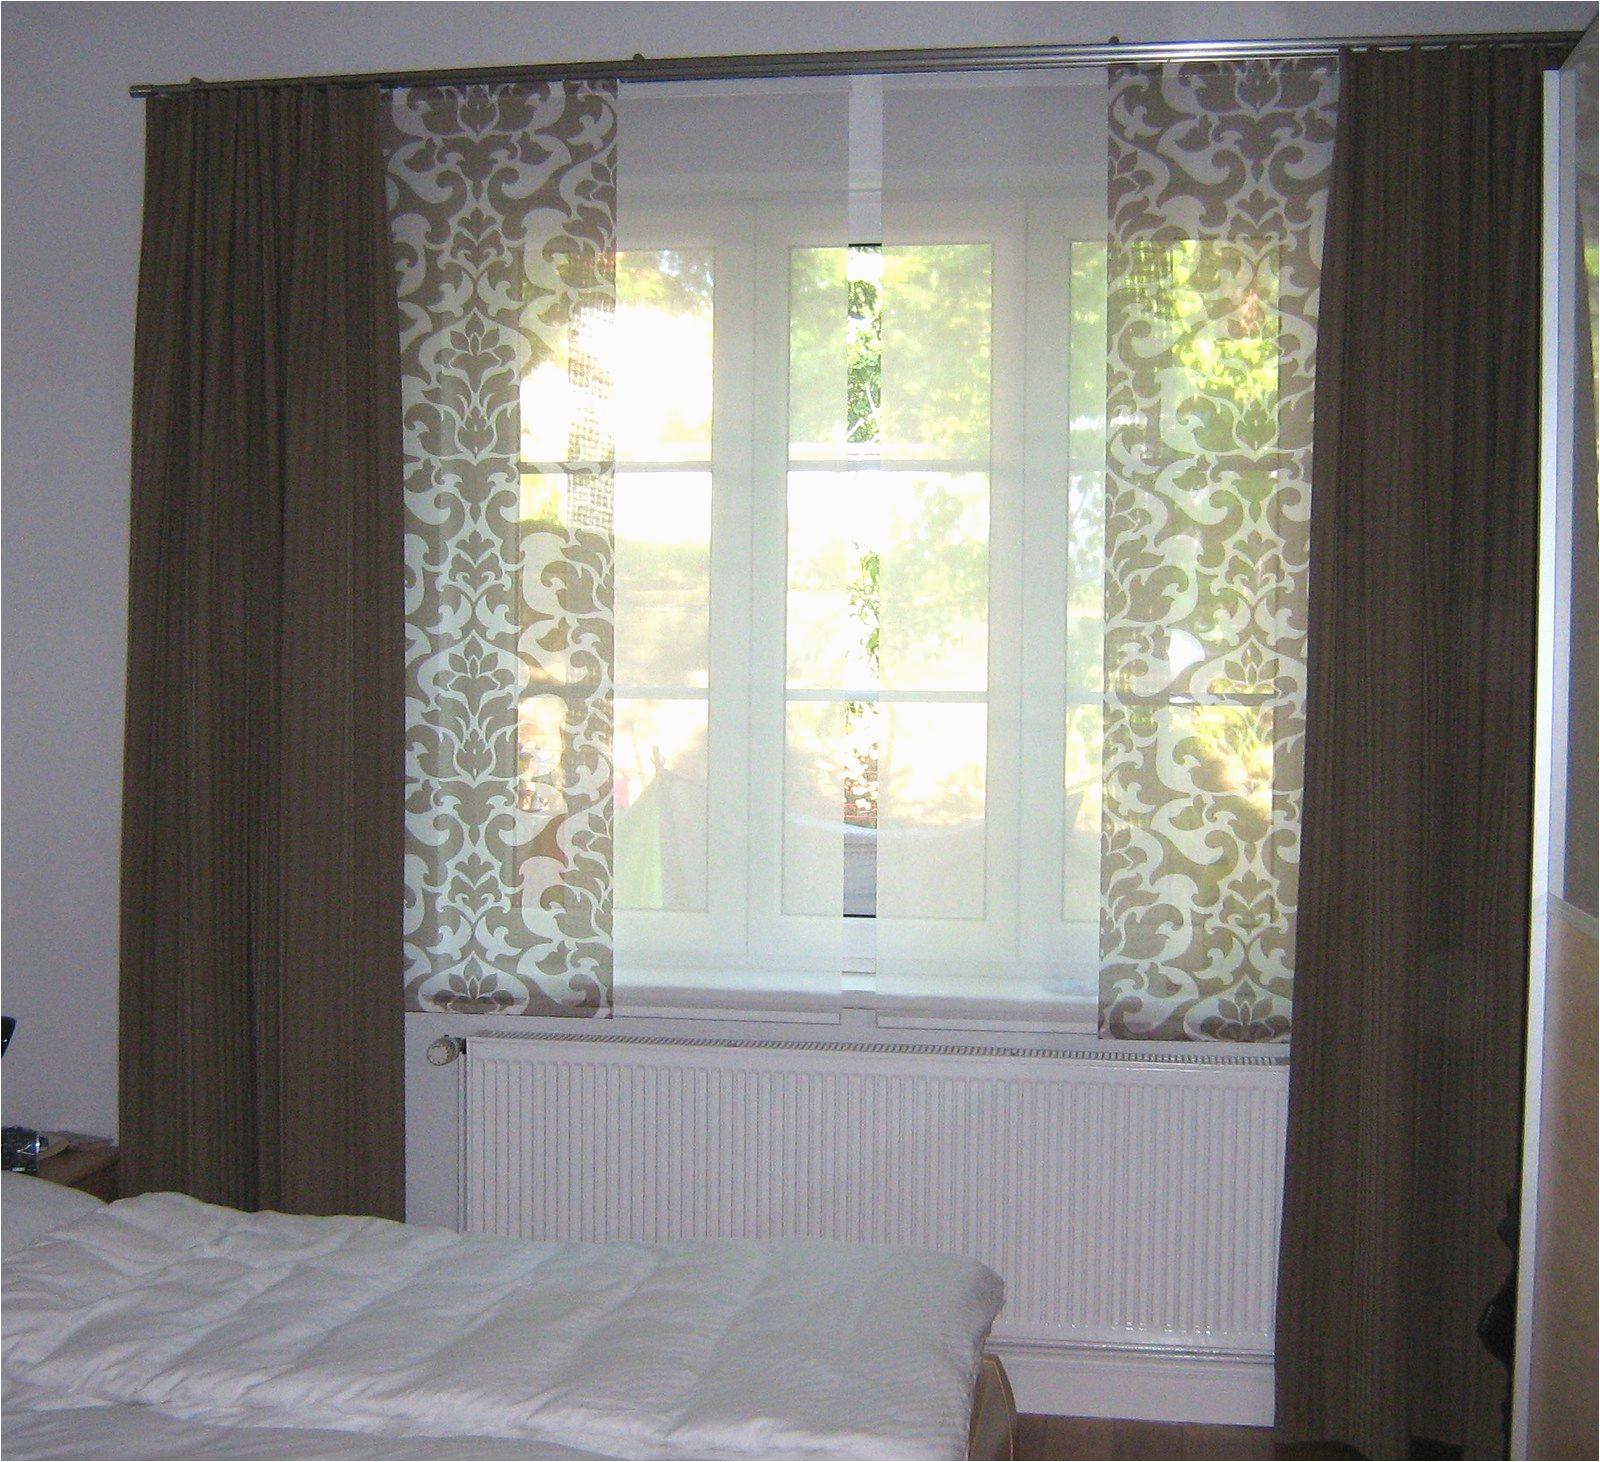 deko ideen fur gardinen frisch design gardinen schlafzimmer schlafzimmer gardinen 0d archives beste of deko ideen fur gardinen